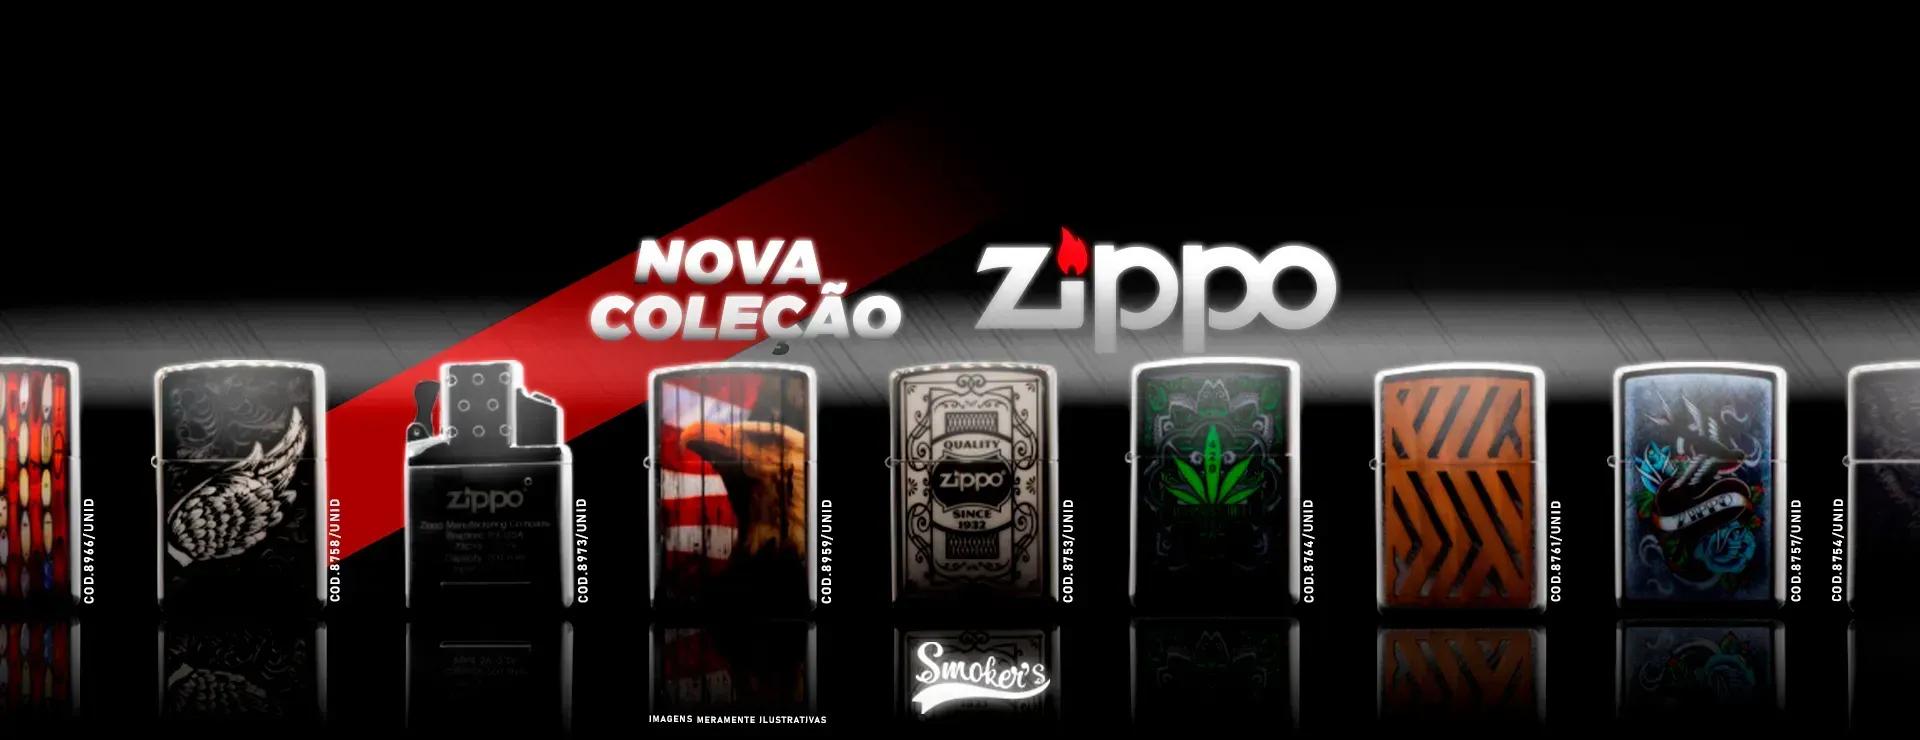 Lançamento nova coleção zippo